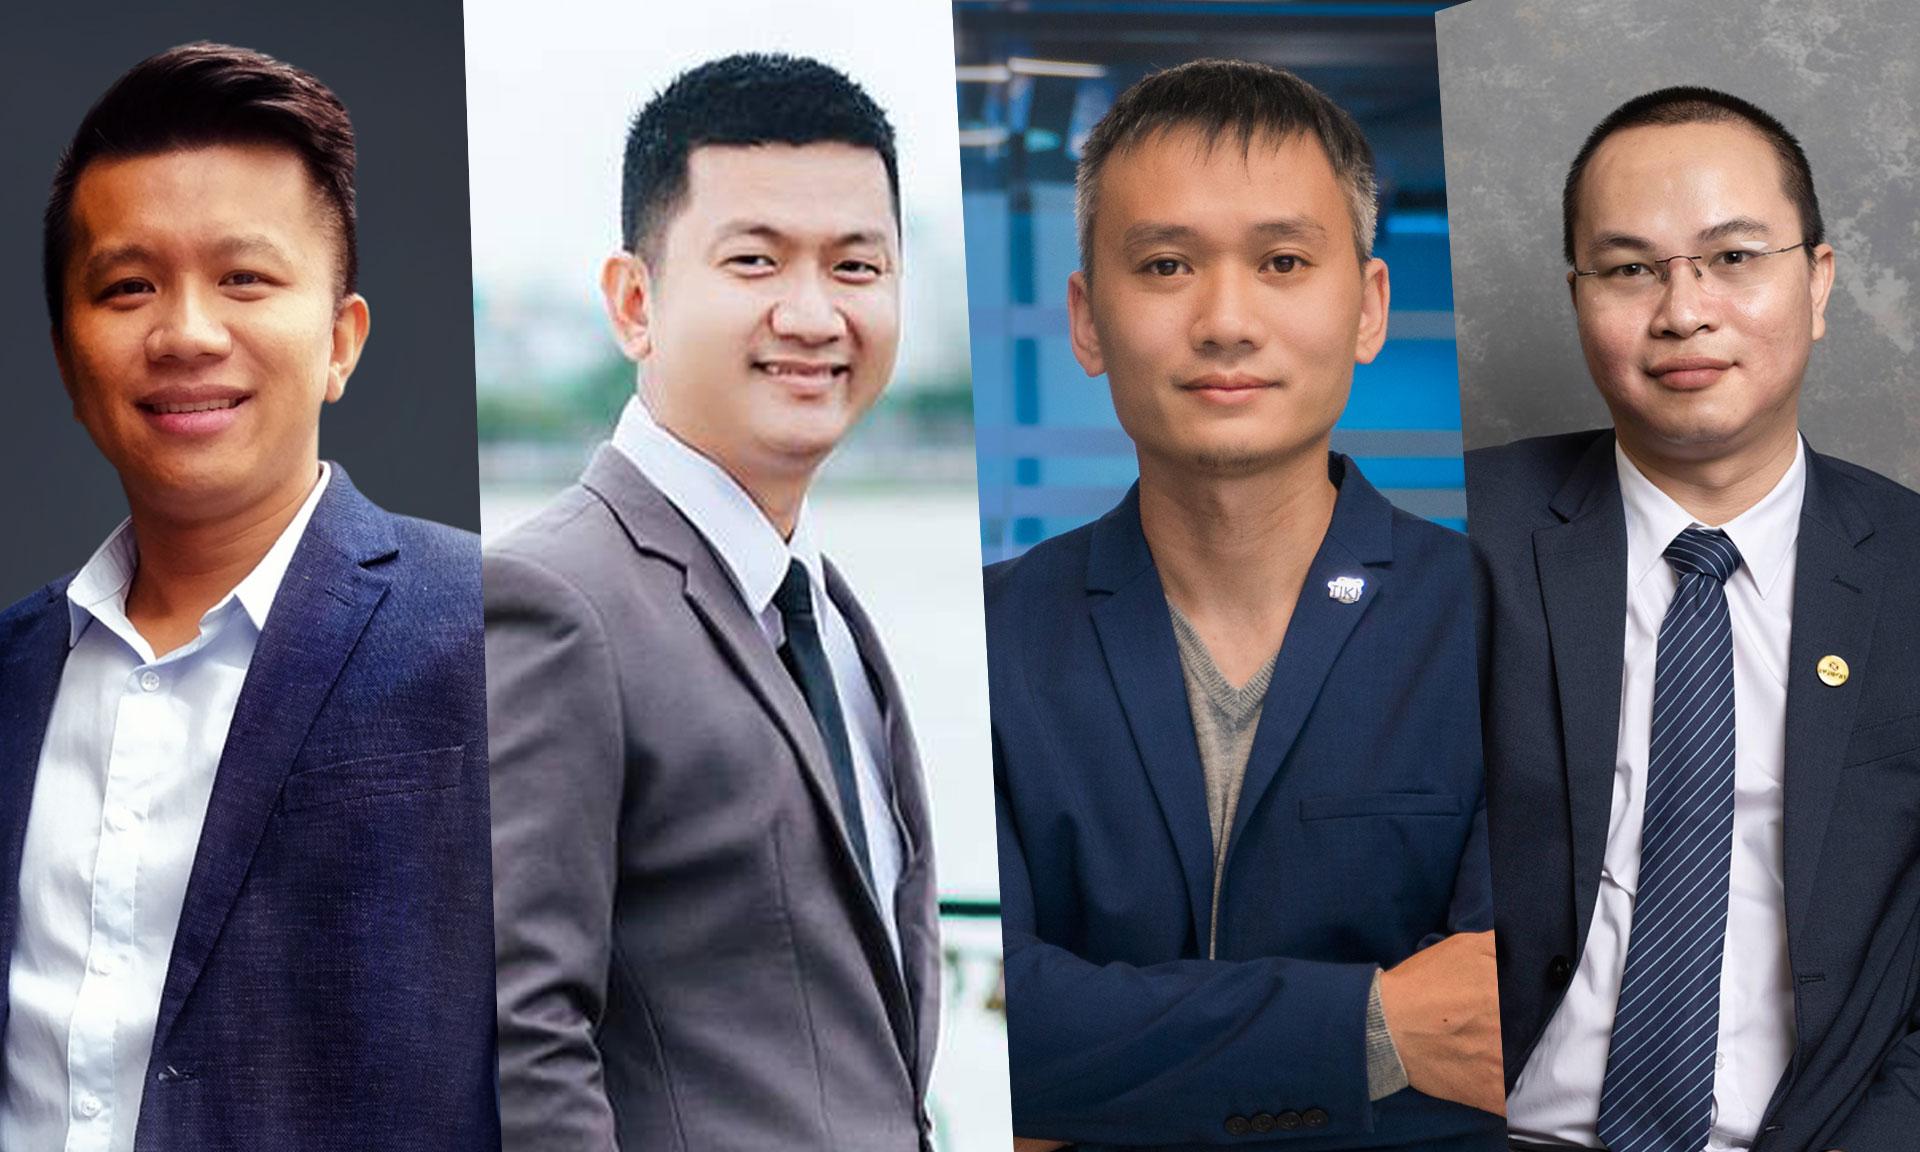 Từ trái qua phải, ông Huỳnh Lâm Hồ, ông Trần Minh Dũng, ông Nguyễn Thành Long và ông Nguyễn Trung Kiên sẽ tham gia CTO Talks ngày 22/6.